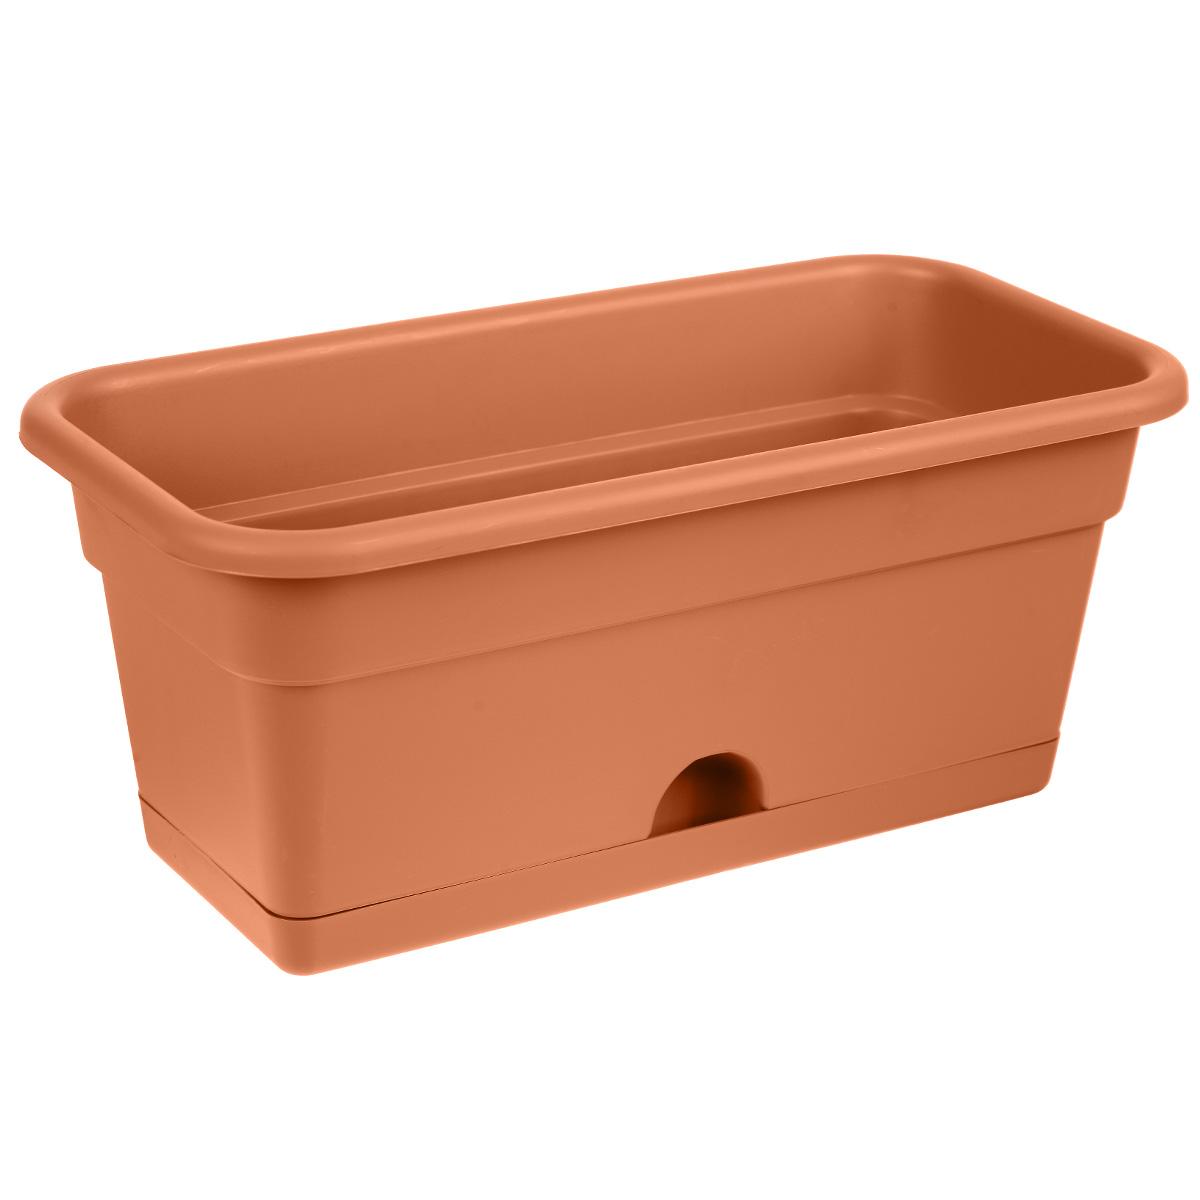 """Балконный ящик """"Darel Plastic"""", с поддоном, цвет: терракотовый, 40 см х 20 см х 17 см"""